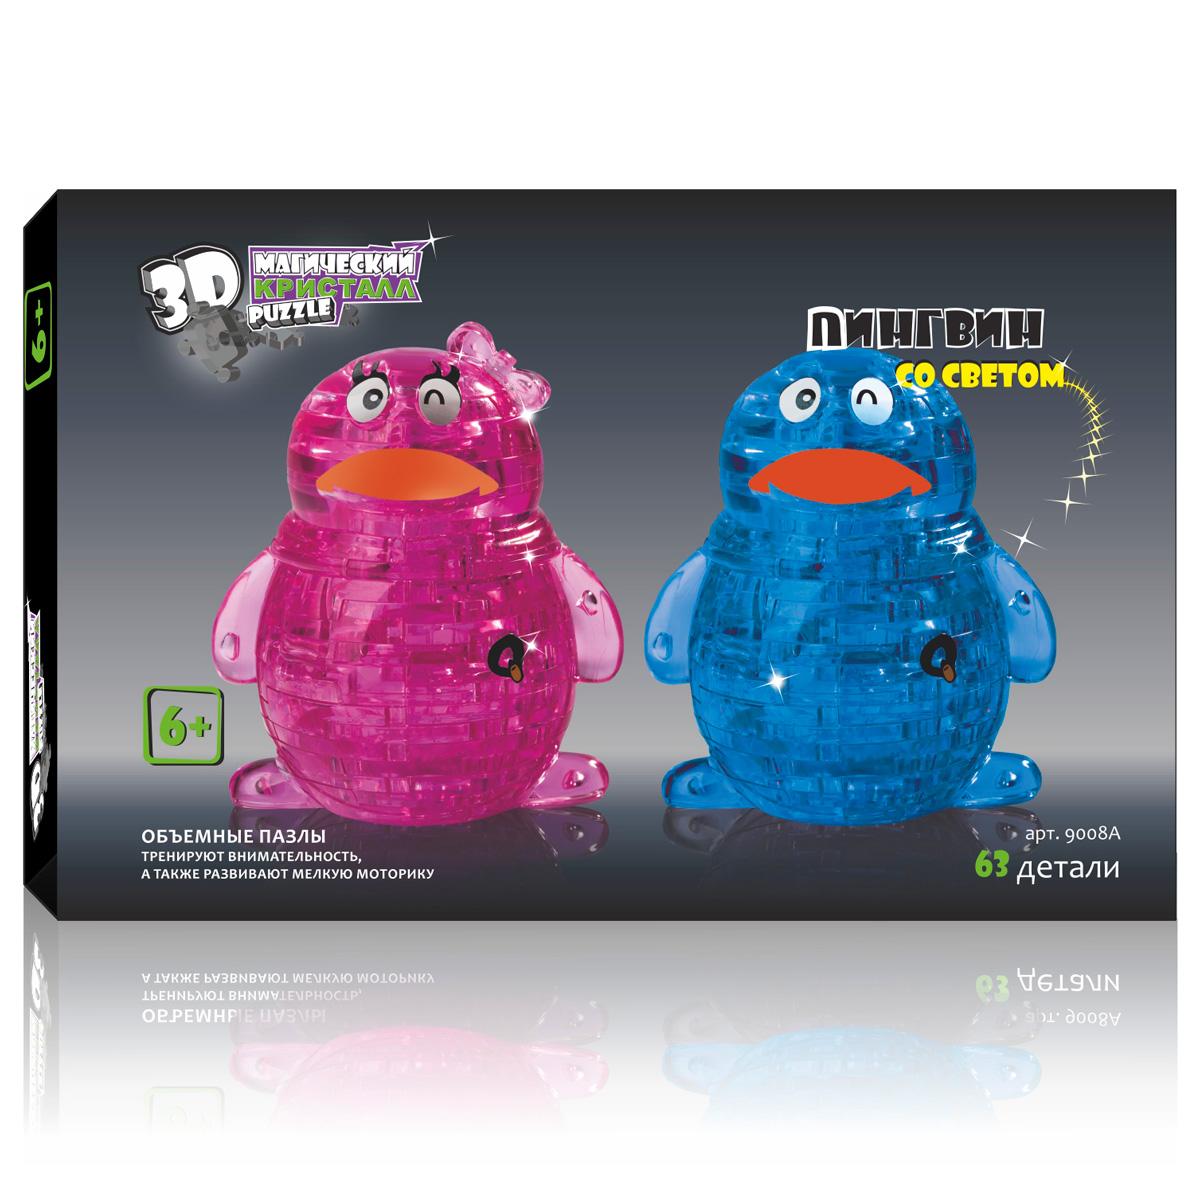 3D Puzzle Магический Кристалл 3D Пазл Светильник Пингвин XL цвет розовый